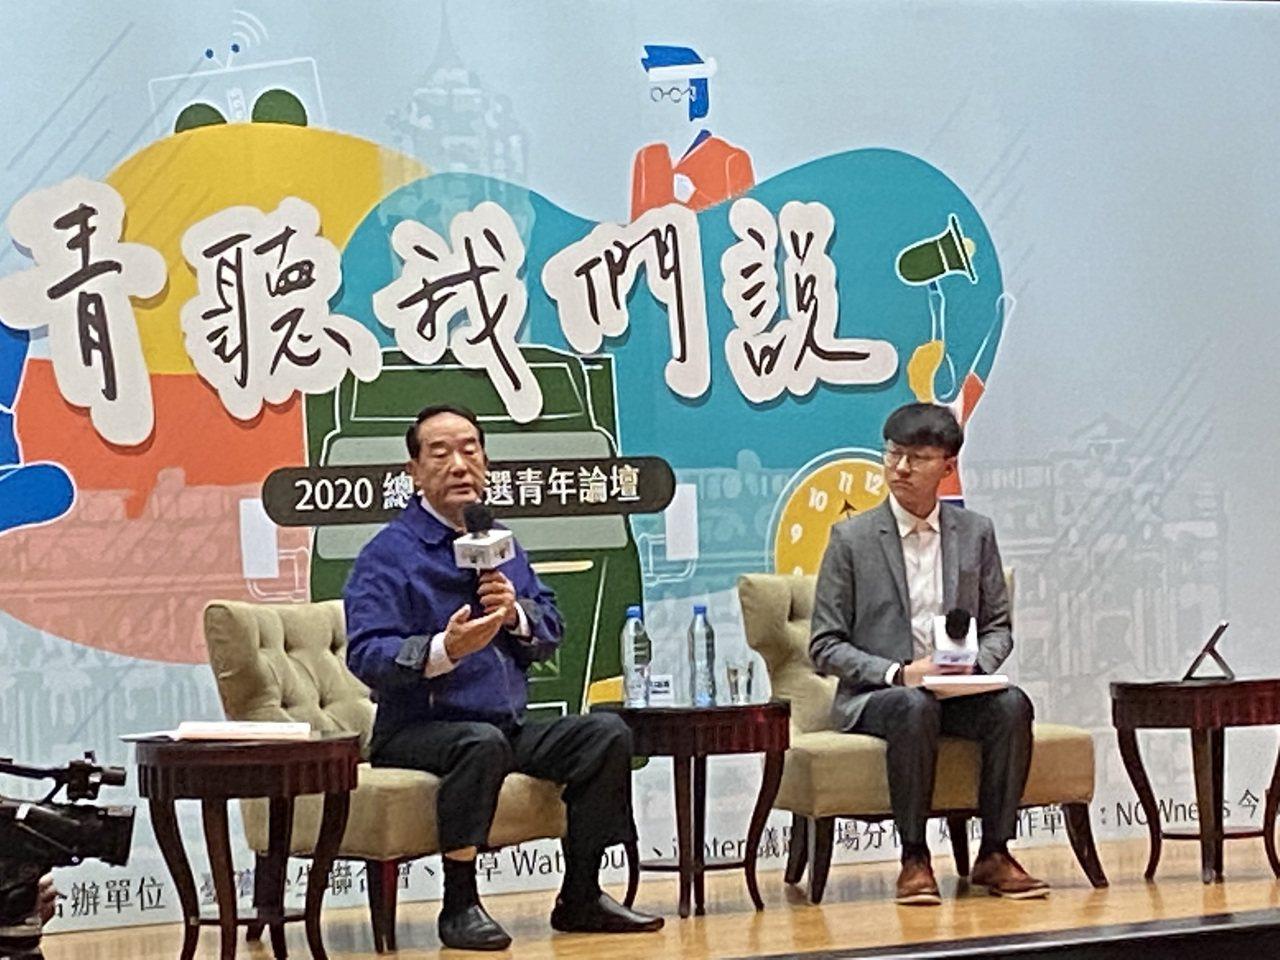 親民黨總統候選人宋楚瑜(左)。記者蔡晉宇/攝影